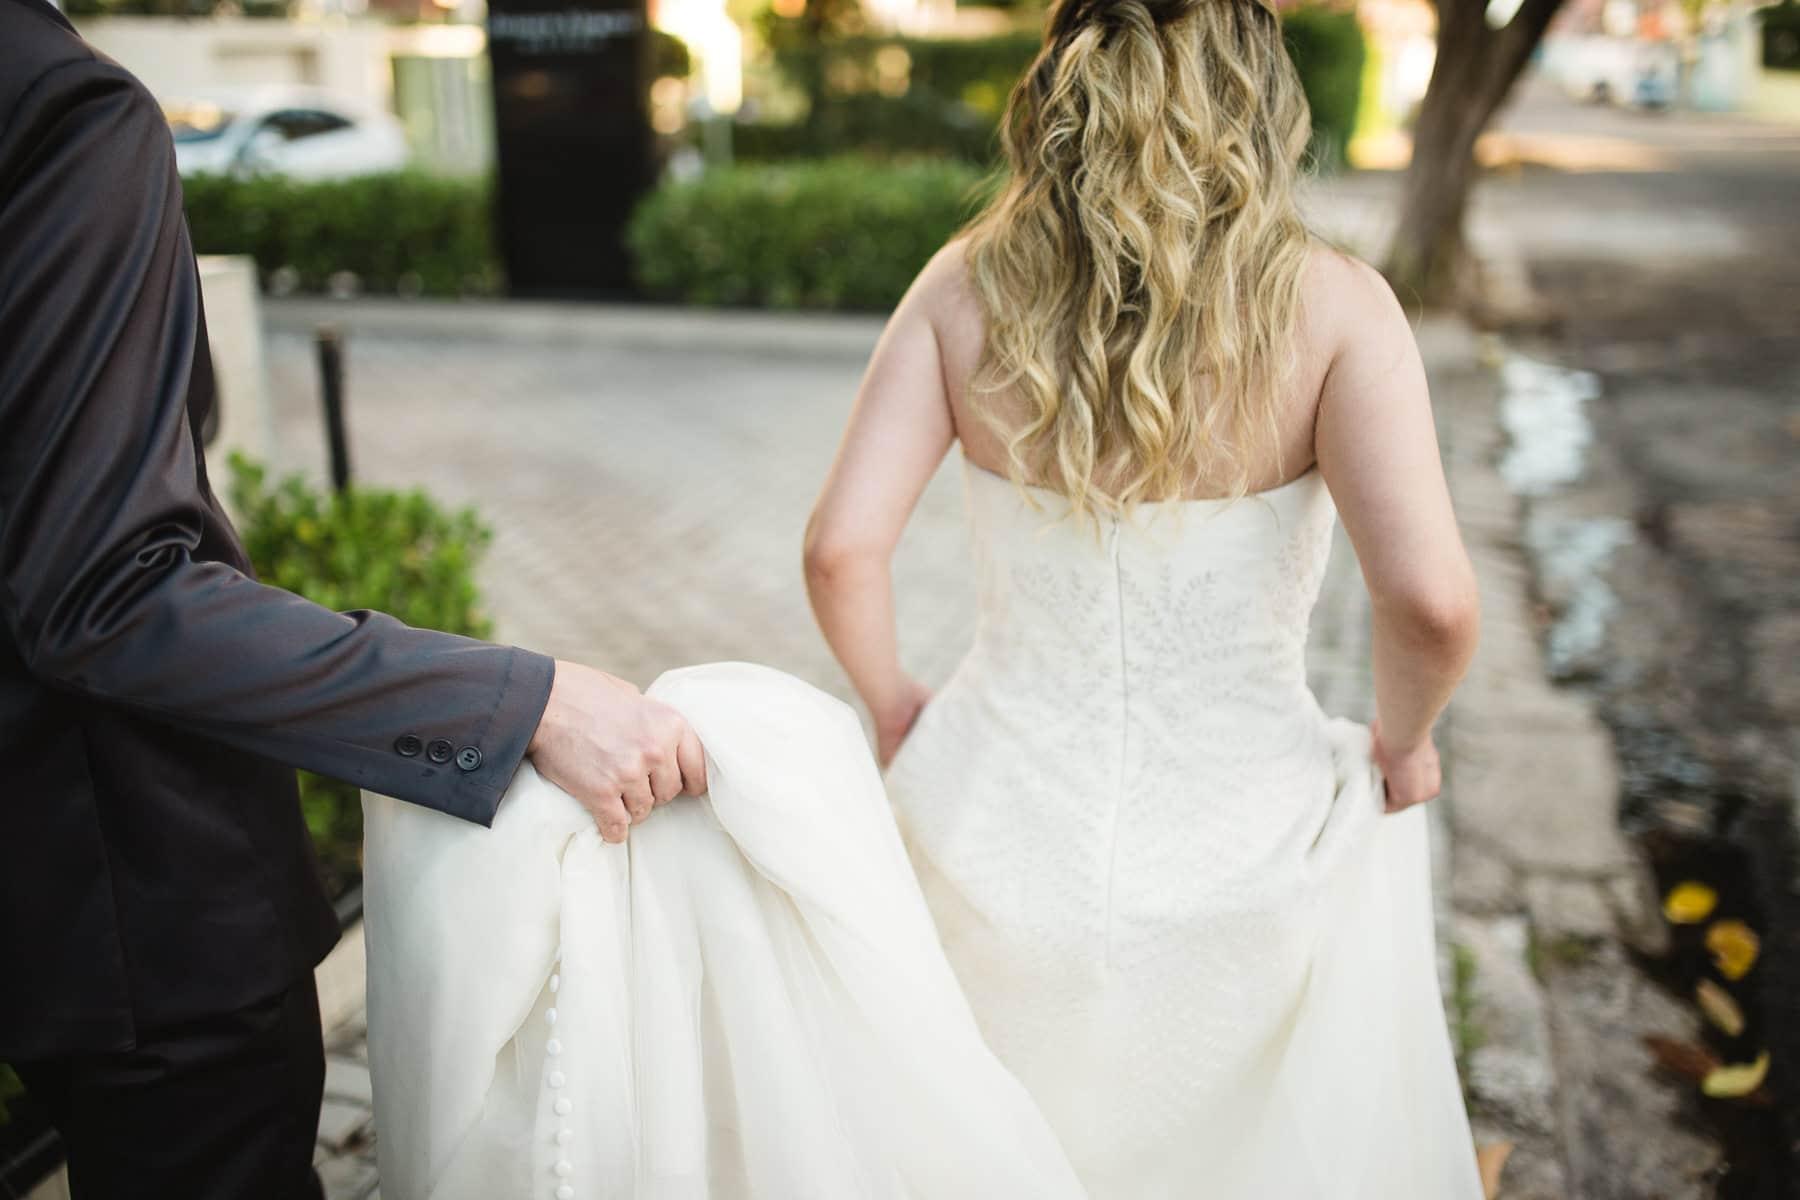 ensaio dos noivos na rua do casa de moá